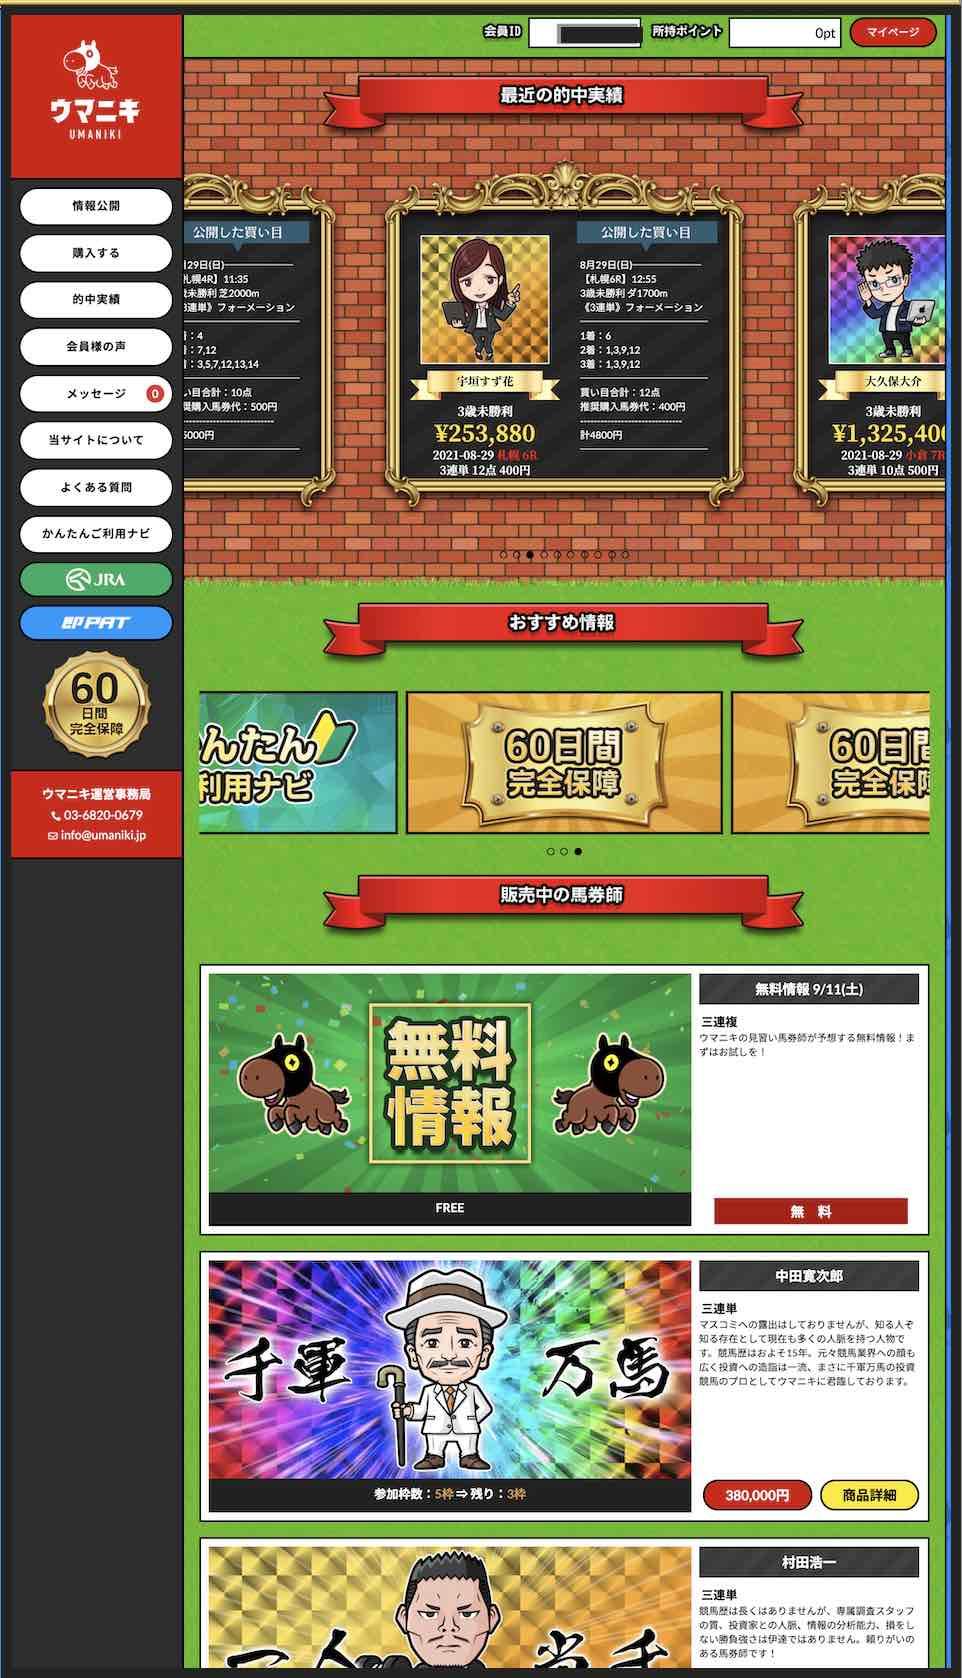 ウマニキとレイアウトが激似の競馬予想サイトの会員ページ